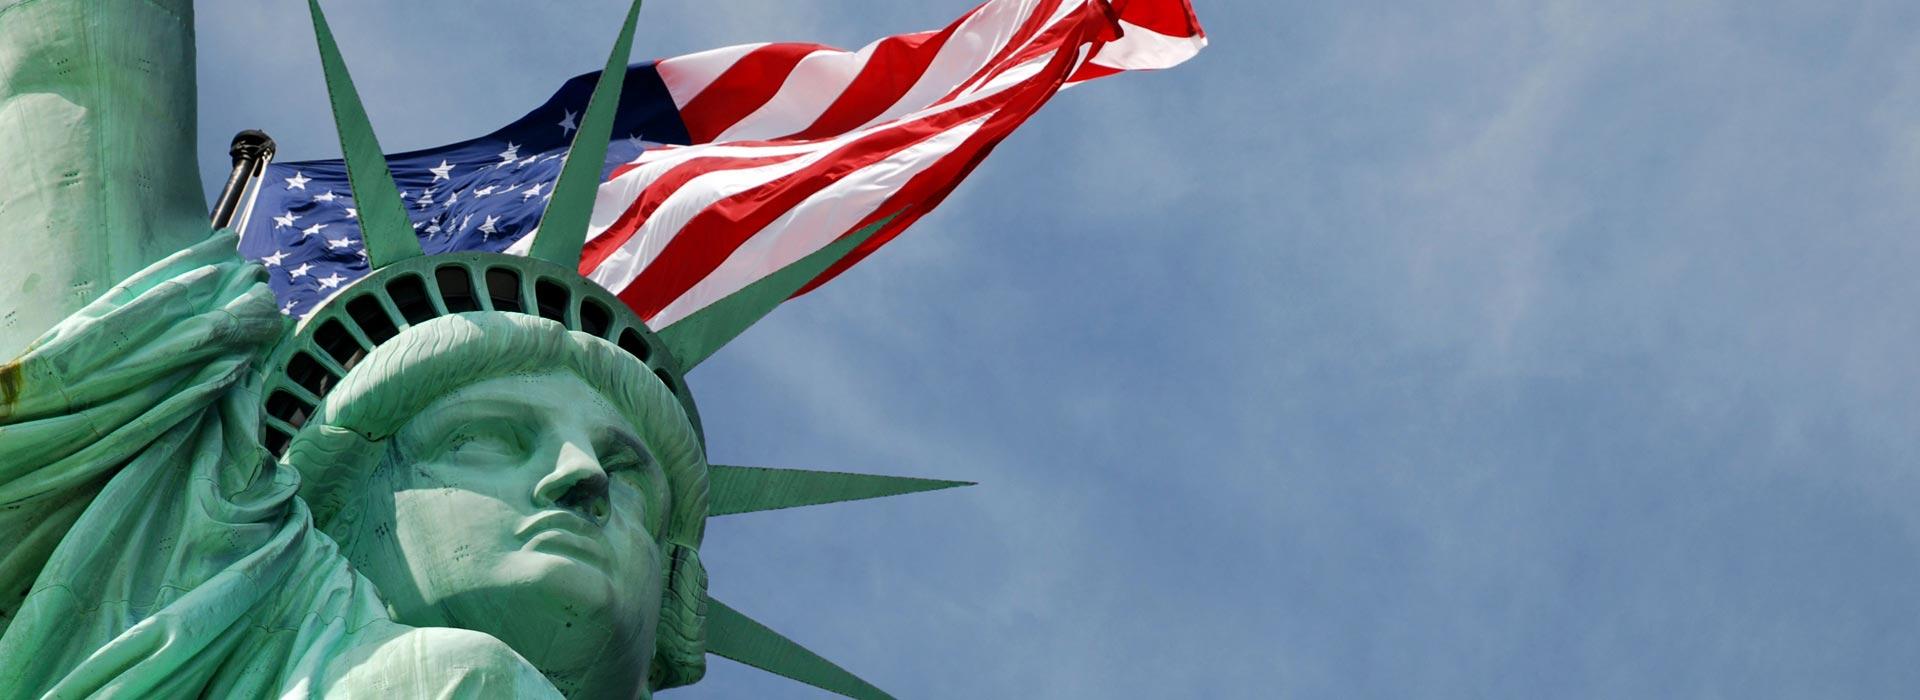 statua-libertà